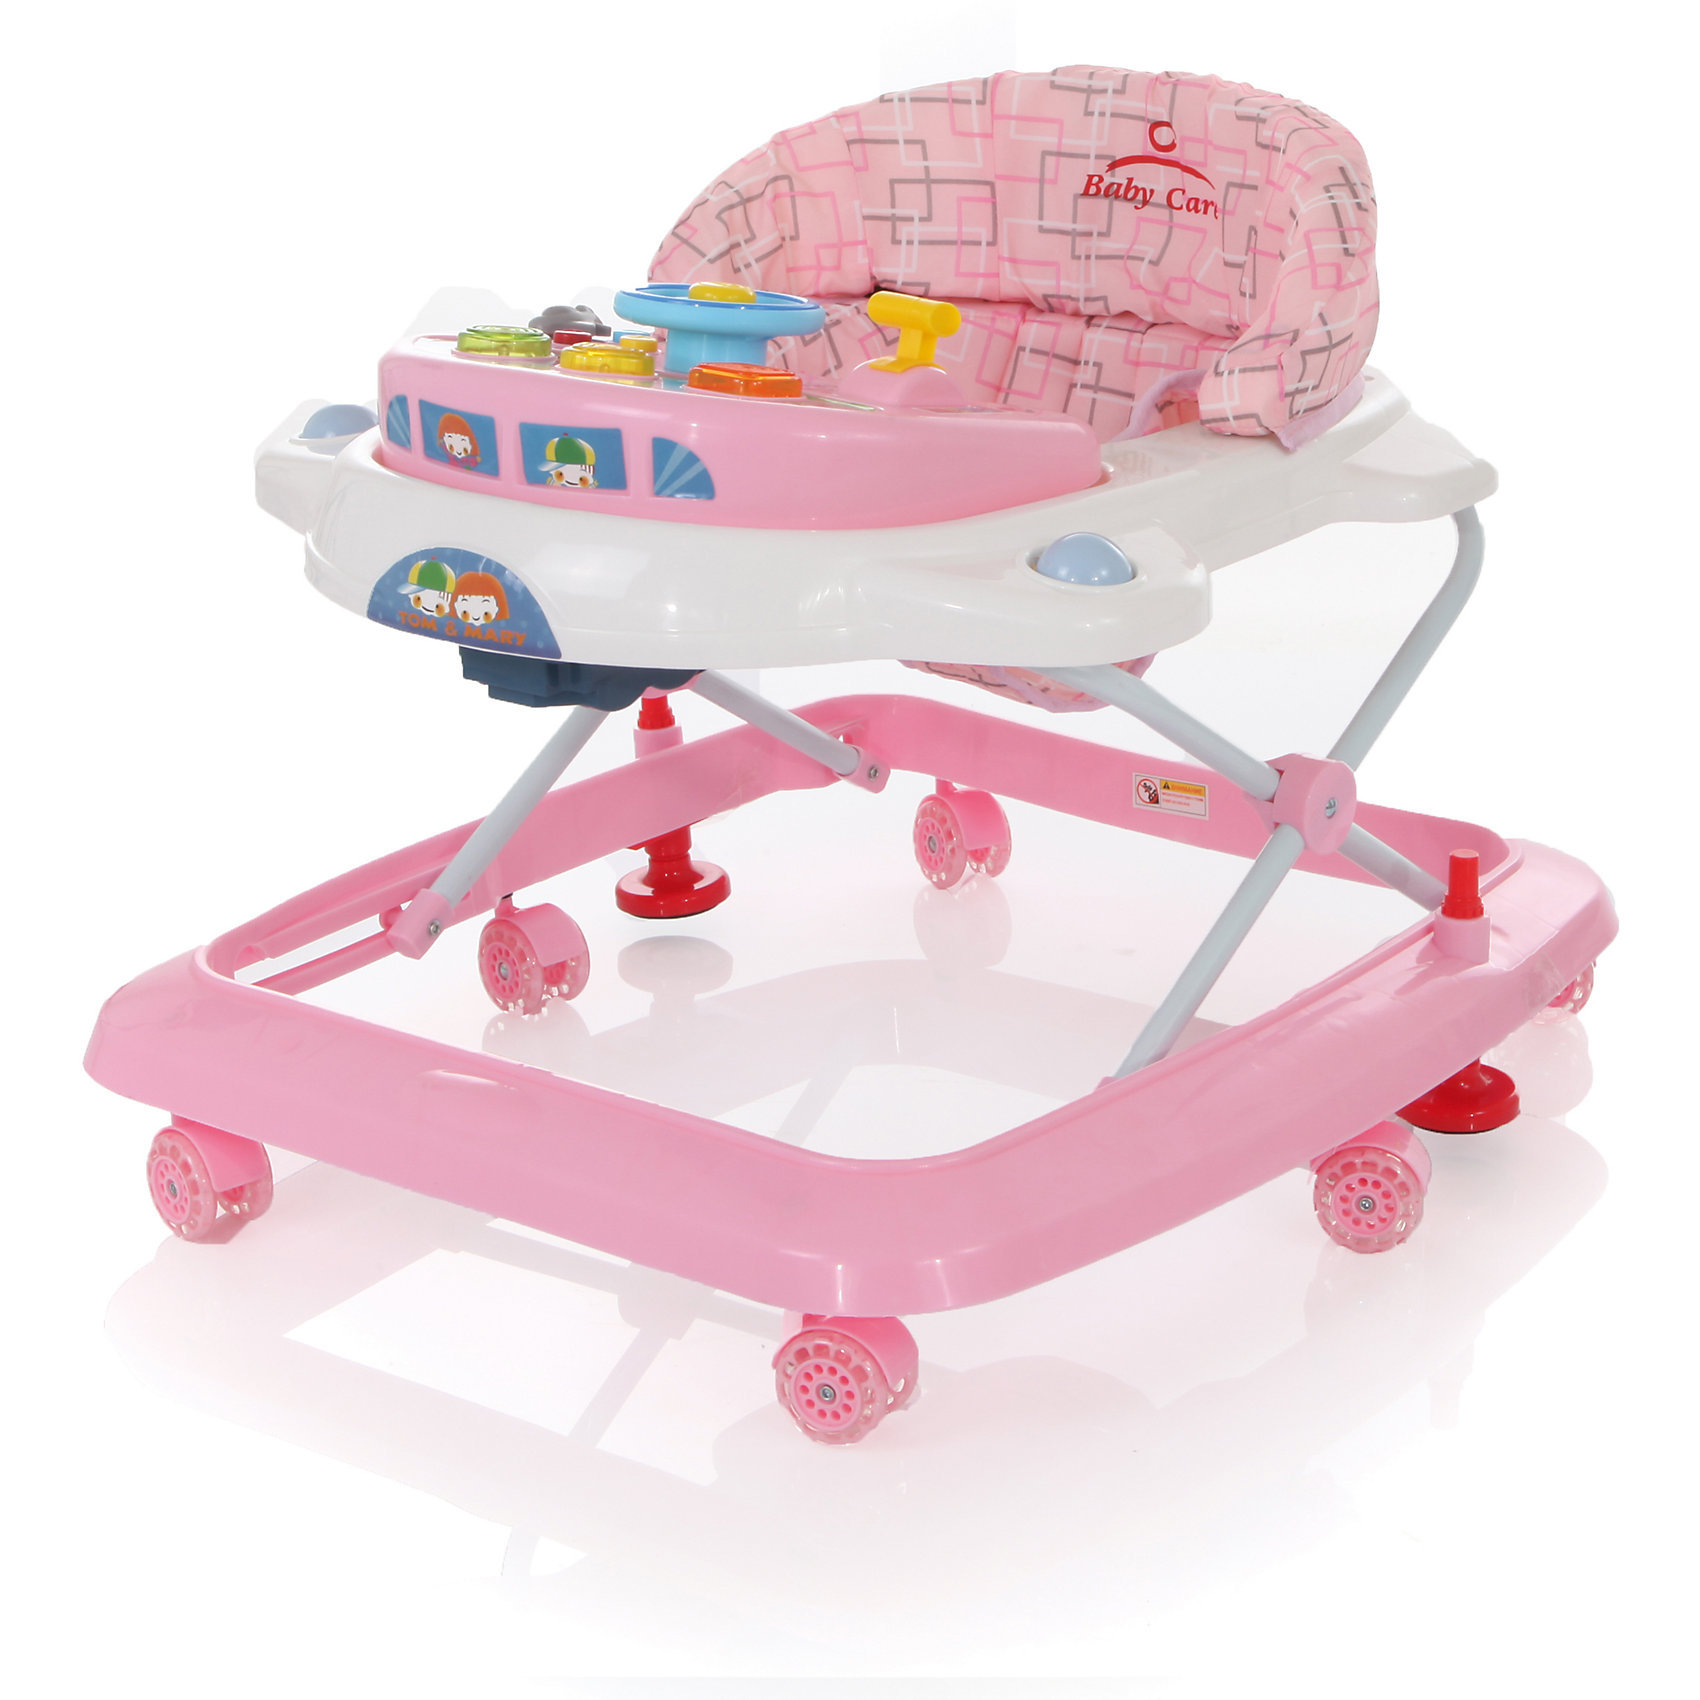 Ходунки Tom&amp;Mary, Baby Care, розовыйЯркие и удобные ходунки Tom&amp;Mary от бренда Baby Care помогут малышу развить навык хождения. Симпатичные ходунки имеют шесть силиконовых колес, которые не скользят и равномерно тормозят на любом покрытии. Мягкое сиденье, съемная музыкально-игровая панель и регулируемая высота от пола – вот несколько основных преимуществ ходунков. Кроха придет в восторг от удобства, родителям же понравится качество материалов и функциональность изделия, съемная обивка легко стирается и сушится. Шесть крепких устойчивых силиконовых колес облегчают перемещение и не повреждают напольные покрытия. Удобные, легкие ходунки обеспечивают максимальную безопасность первых самостоятельных шагов малыша. Ходунки легко складываются гармошкой и не займут в сложенном виде много места.<br><br>Дополнительная информация:<br><br>- Устойчивая конструкция;<br>- Два стопора, позволяют контролировать передвижения ребенка;<br>- Сиденье регулируется по высоте в 3-х положениях;<br>- Небольшой вес;<br>- Сиденье комфортное со съемной обивкой;<br>- Замок-фиксатор защищает от произвольного складывания;<br>- 6 двойных силиконовых поворотных колес;<br>- Съемная игровая панель;<br>- Цвет: розовый;<br>- Вес: 3,8 кг<br><br>Ходунки Tom&amp;Mary, Baby Care, розовые можно купить в нашем интернет-магазине.<br><br>Ширина мм: 600<br>Глубина мм: 600<br>Высота мм: 130<br>Вес г: 4000<br>Возраст от месяцев: 6<br>Возраст до месяцев: 18<br>Пол: Женский<br>Возраст: Детский<br>SKU: 3950028